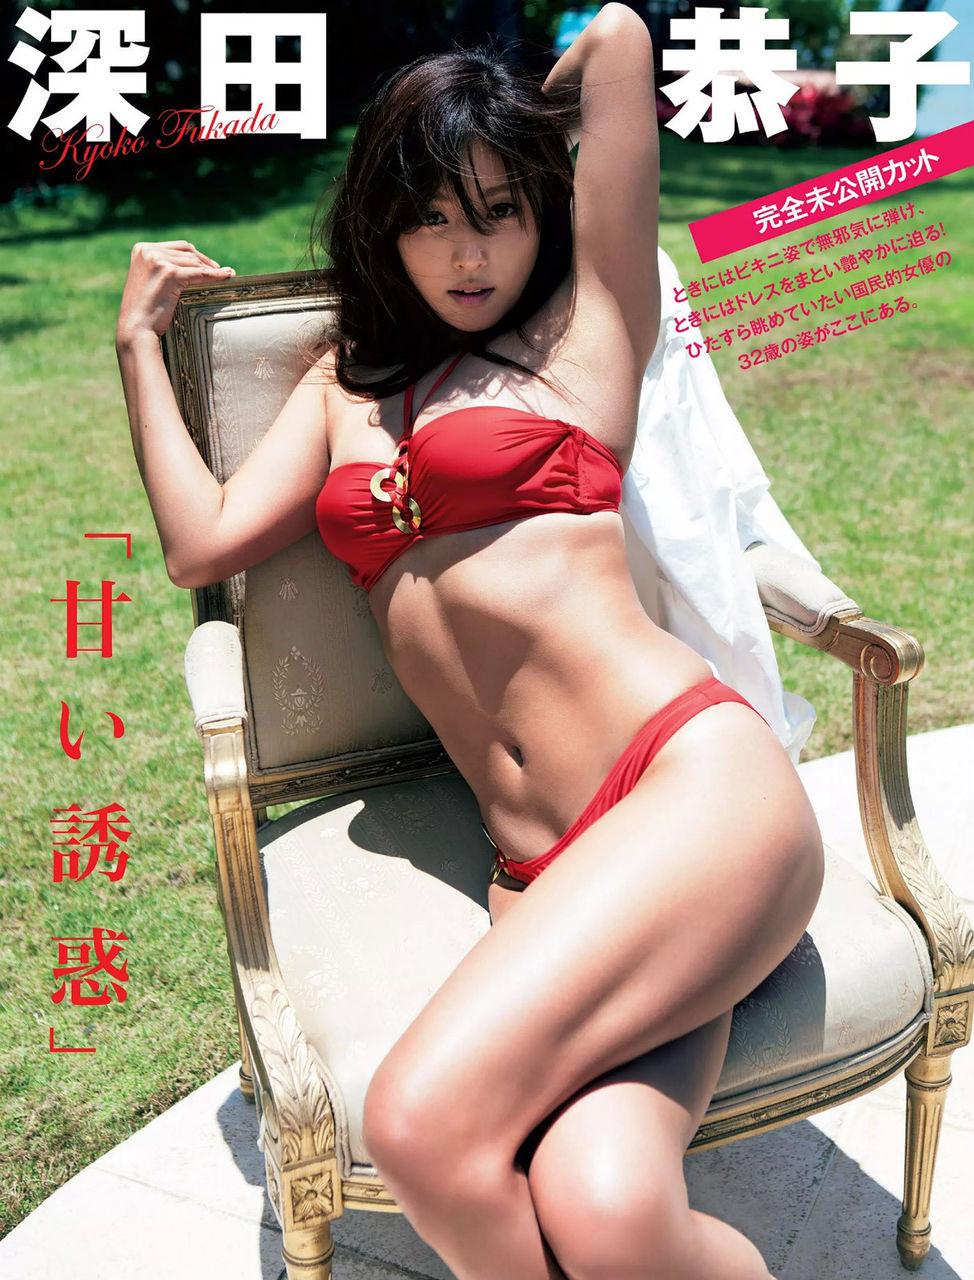 深田恭子がニット巨乳で地上波でド迫力おっぱい見せつけエロすぎwwwww(エロキャプ画像あり)・19枚目の画像